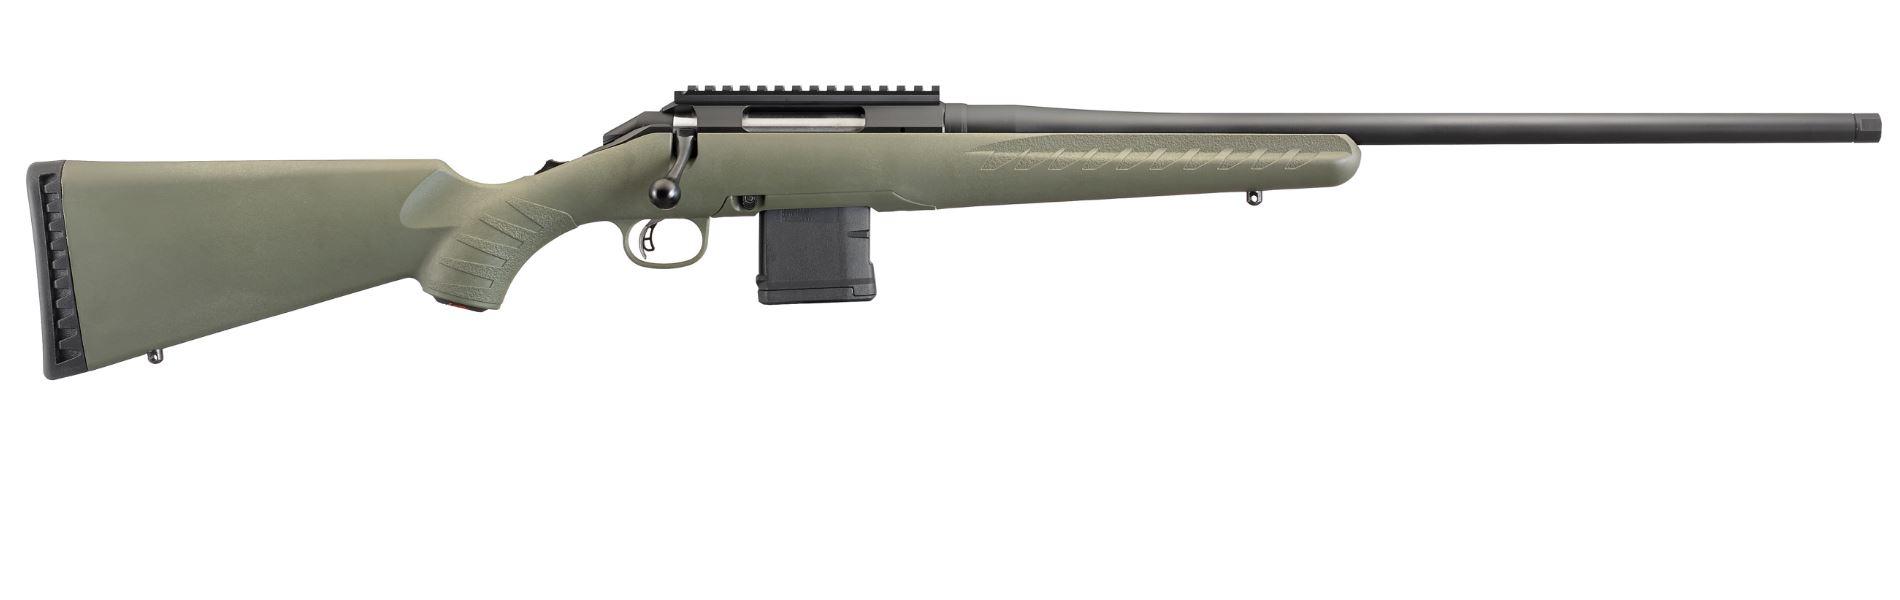 Ruger American Predator Rifle 6.5 Grendel